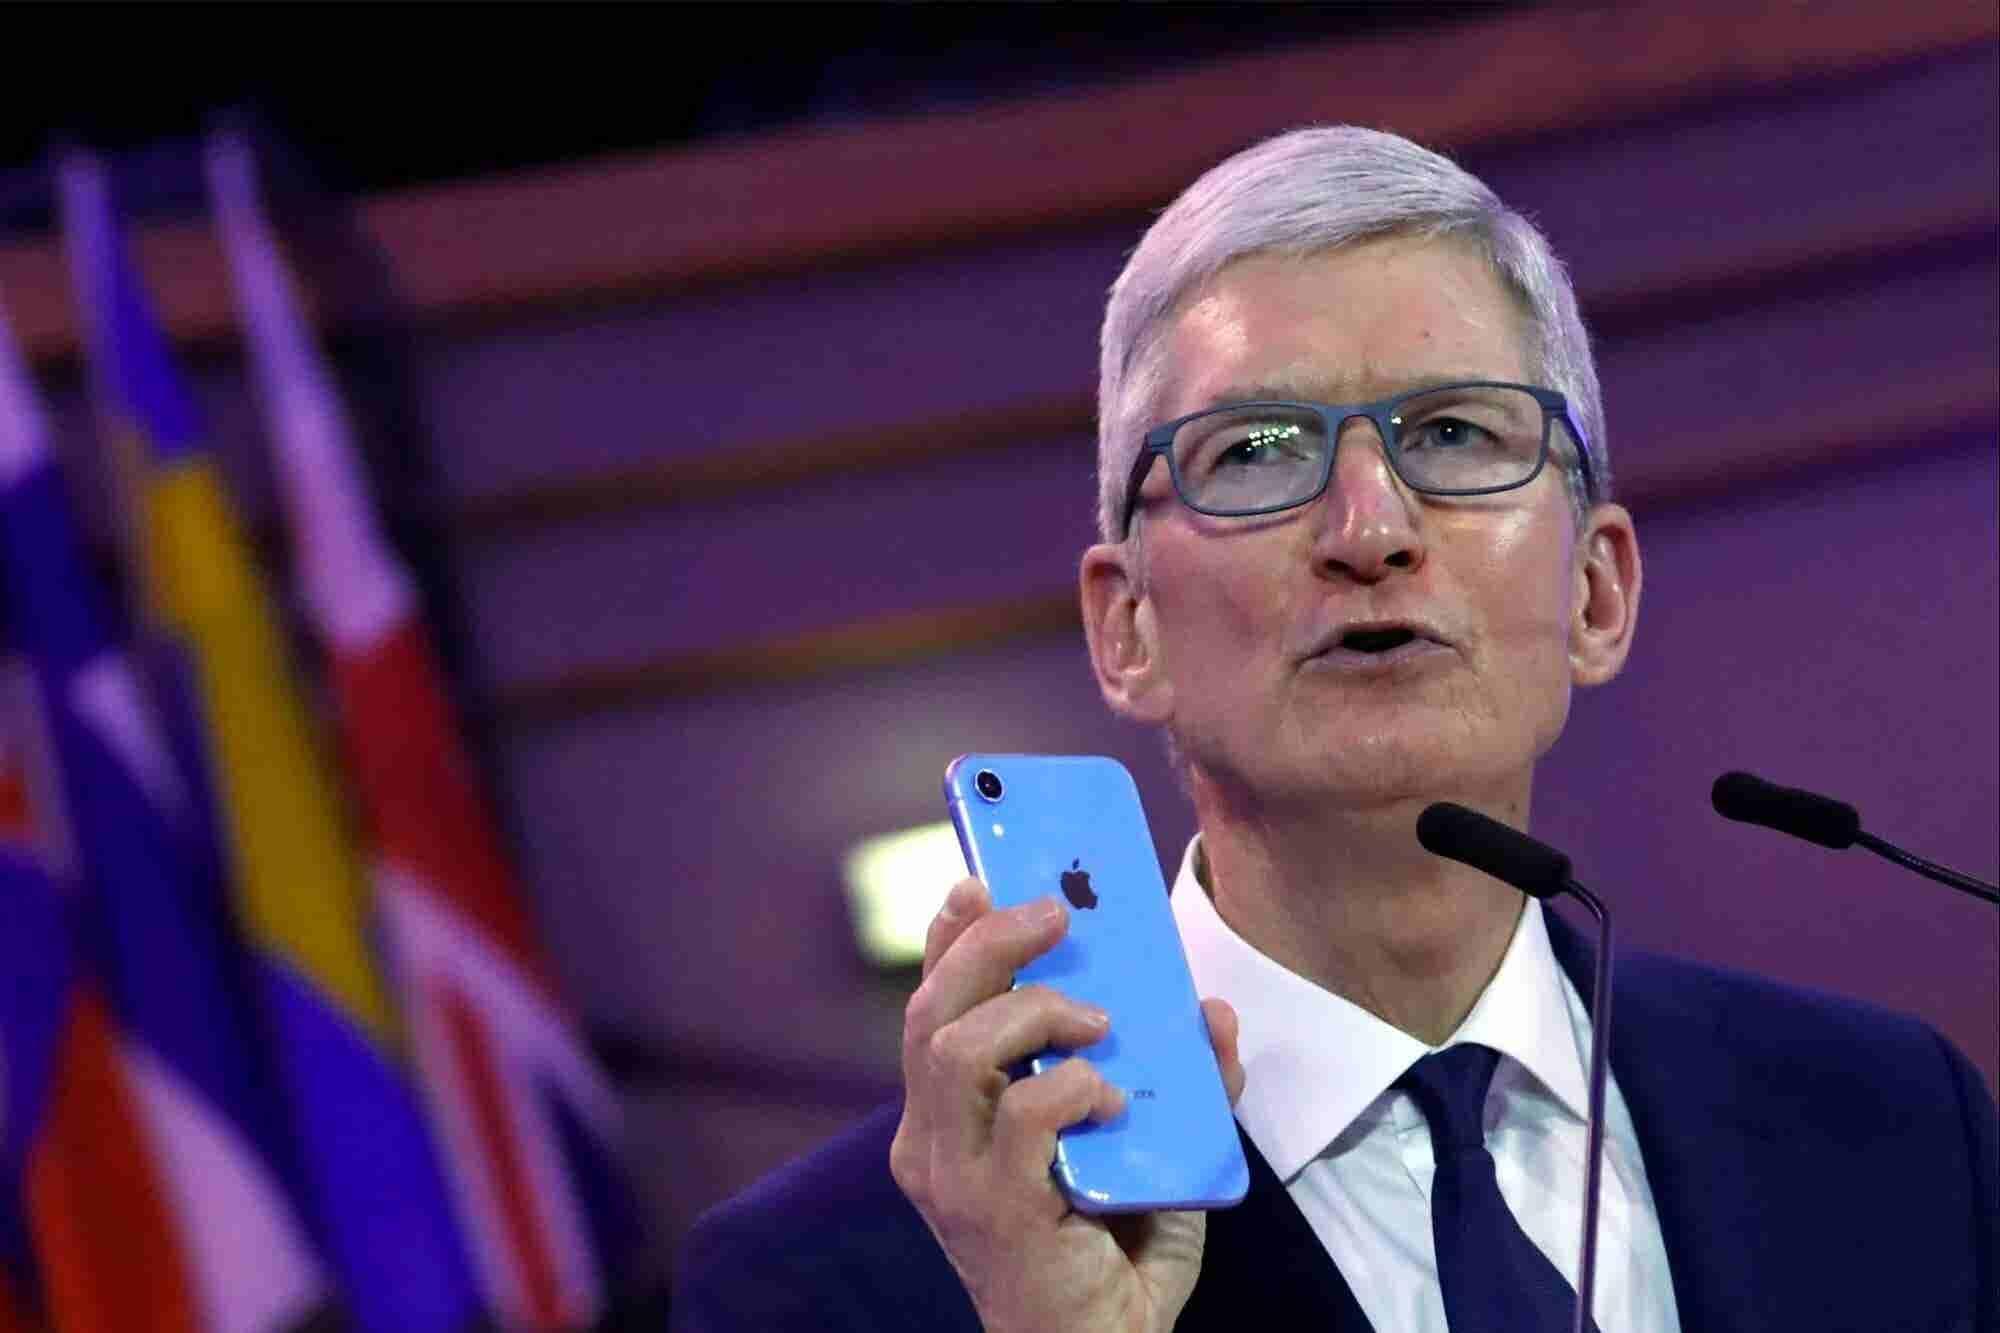 El CEO de Apple no quiere que seas adicto a tu iPhone